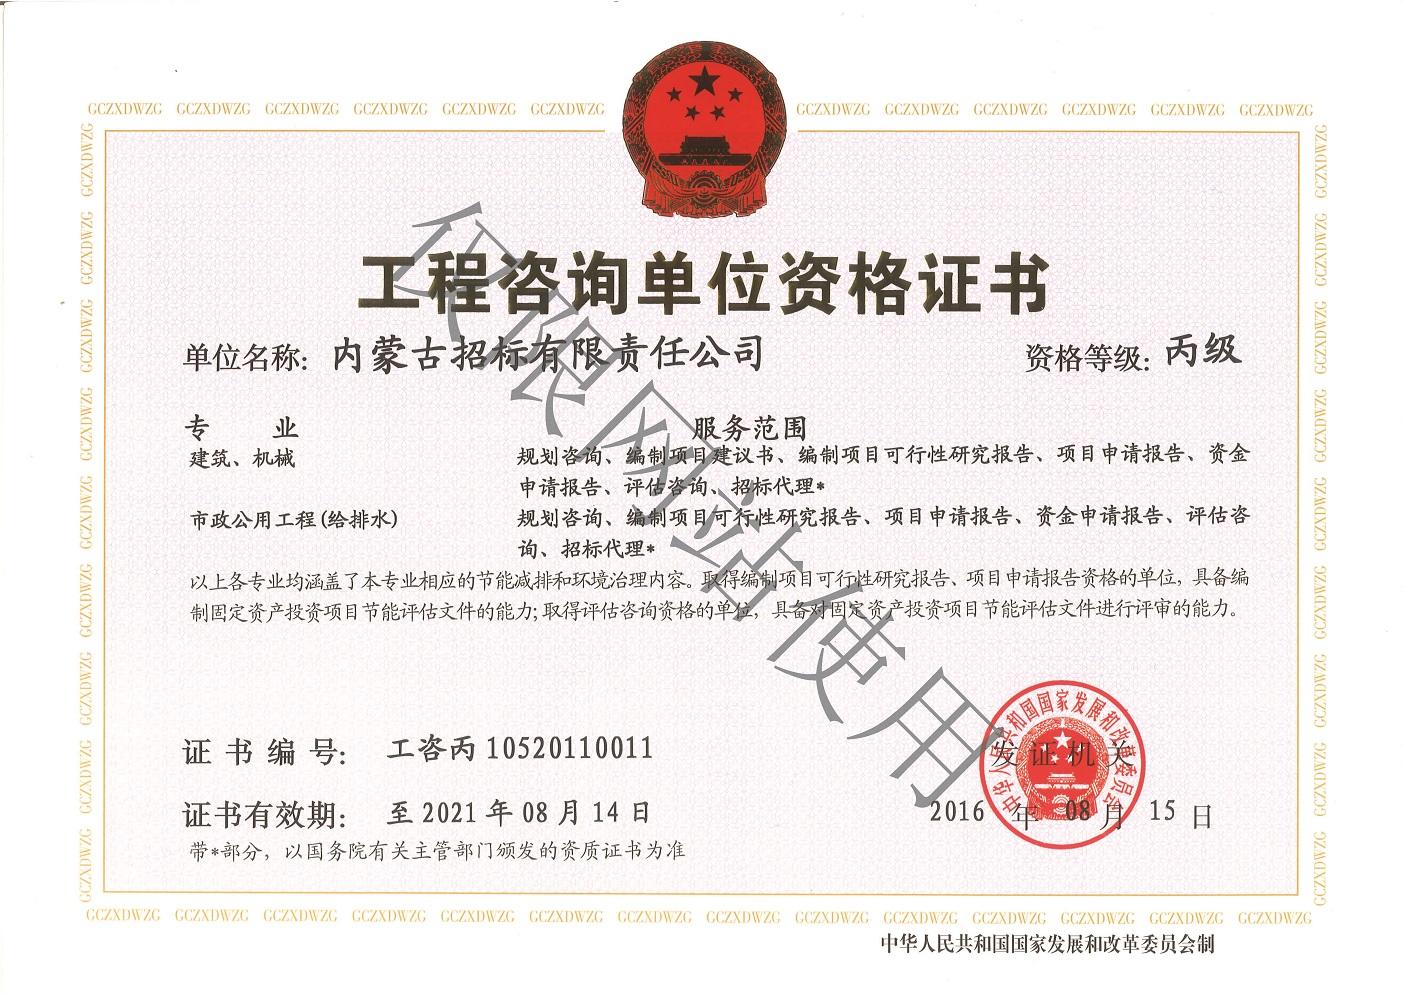 工程咨询单位丙级证书正本